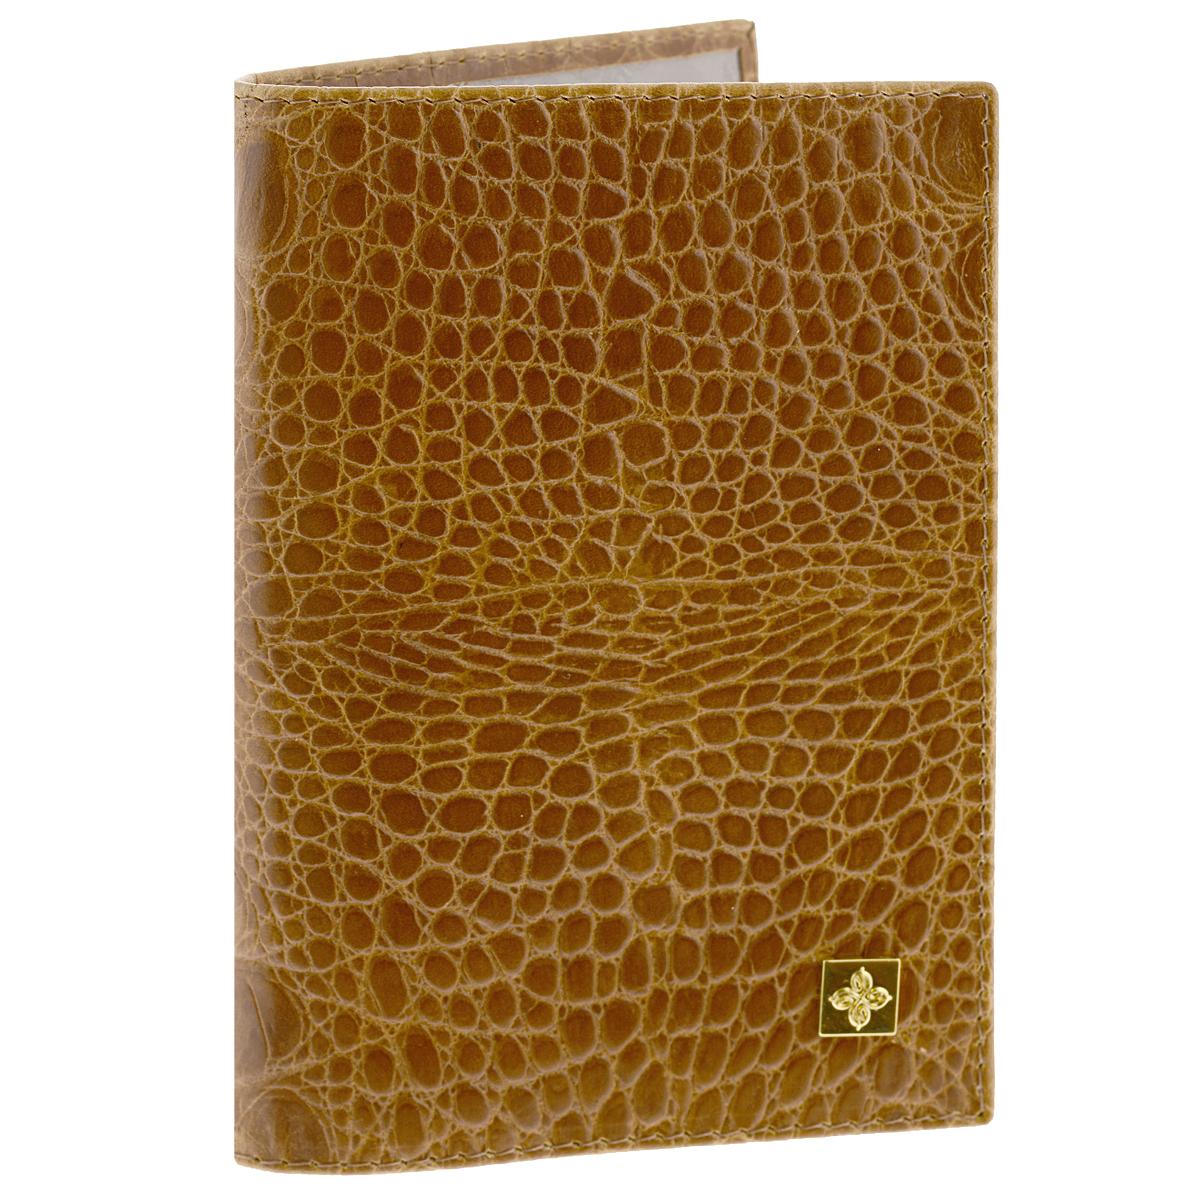 Обложка для паспорта Dimanche Nugget, цвет: горчичный. 900900Обложка для паспорта Nugget выполнена из натуральной кожи с декоративным тиснением под крокодила. На внутреннем развороте - два кармашка из прозрачного пластика. Обложка не только поможет сохранить внешний вид ваших документов и защитит их от повреждений, но и станет стильным аксессуаром, который подчеркнет ваш неповторимый стиль. Обложка упакована в коробку из плотного картона с логотипом фирмы. Характеристики: Материал: натуральная кожа, ПВХ. Цвет: горчичный. Размер обложки: 9,5 см х 13,5 см х 1,5 см.